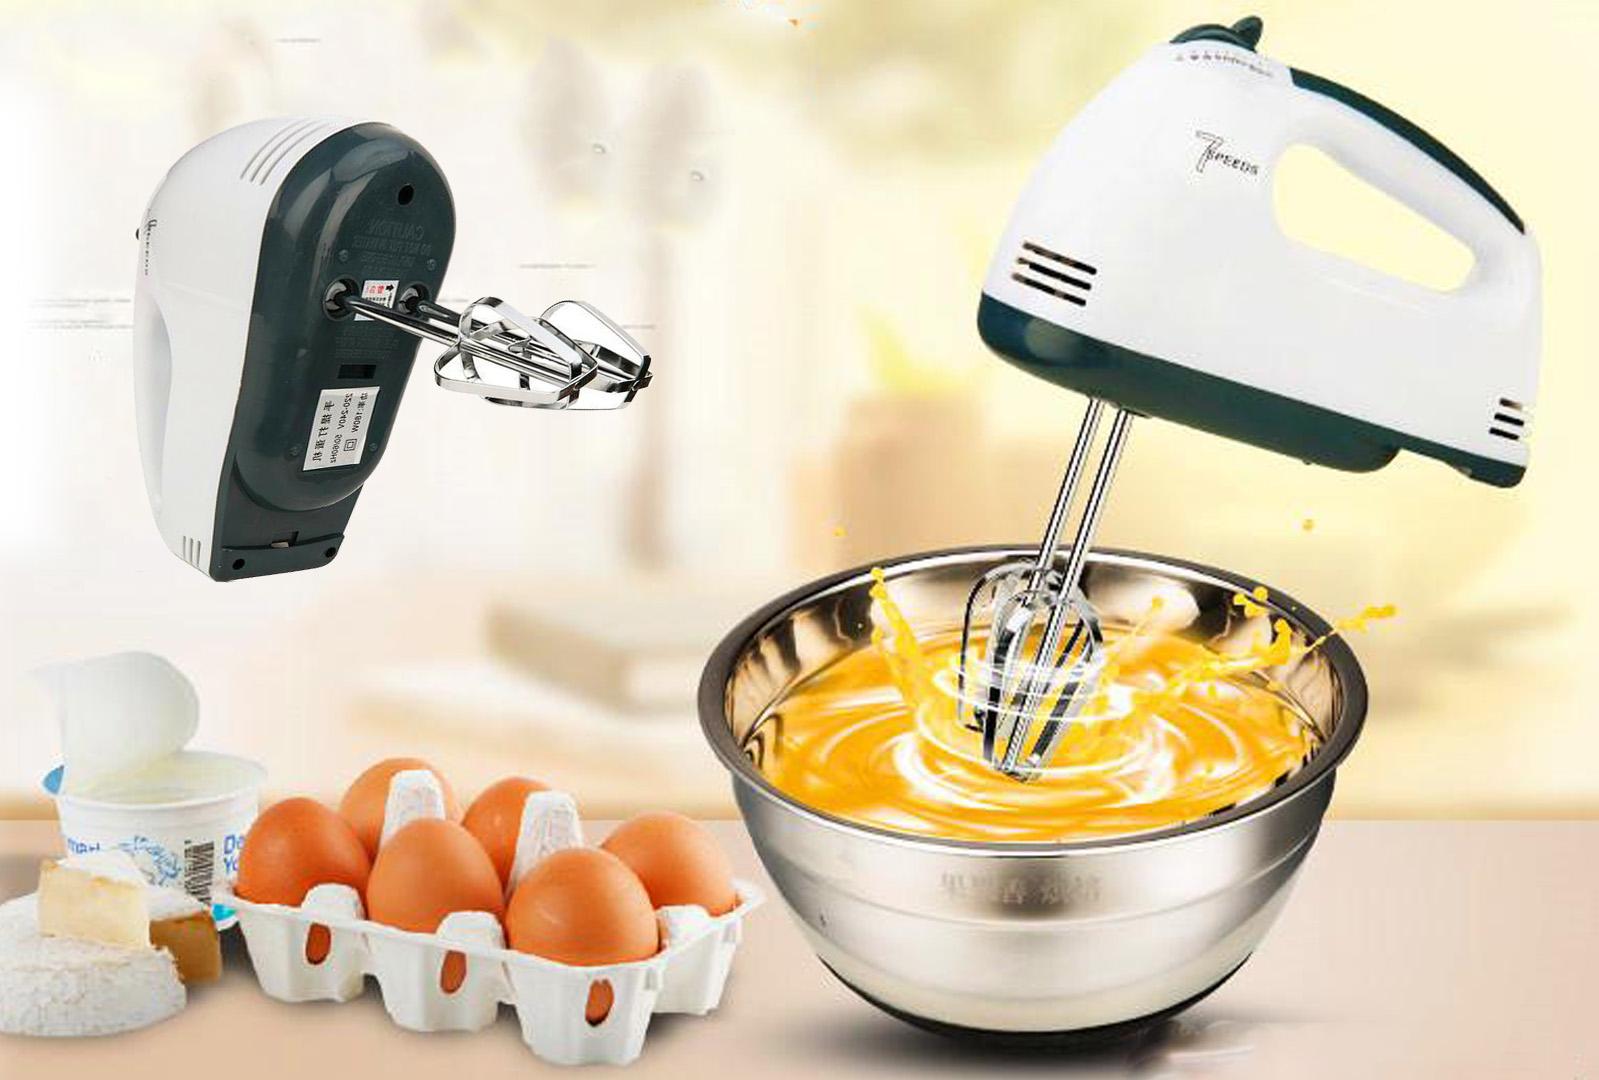 Главная функция миксера — взбивание продуктов. С его помощью можно быстро приготовить, например, тесто на блины или оладьи.